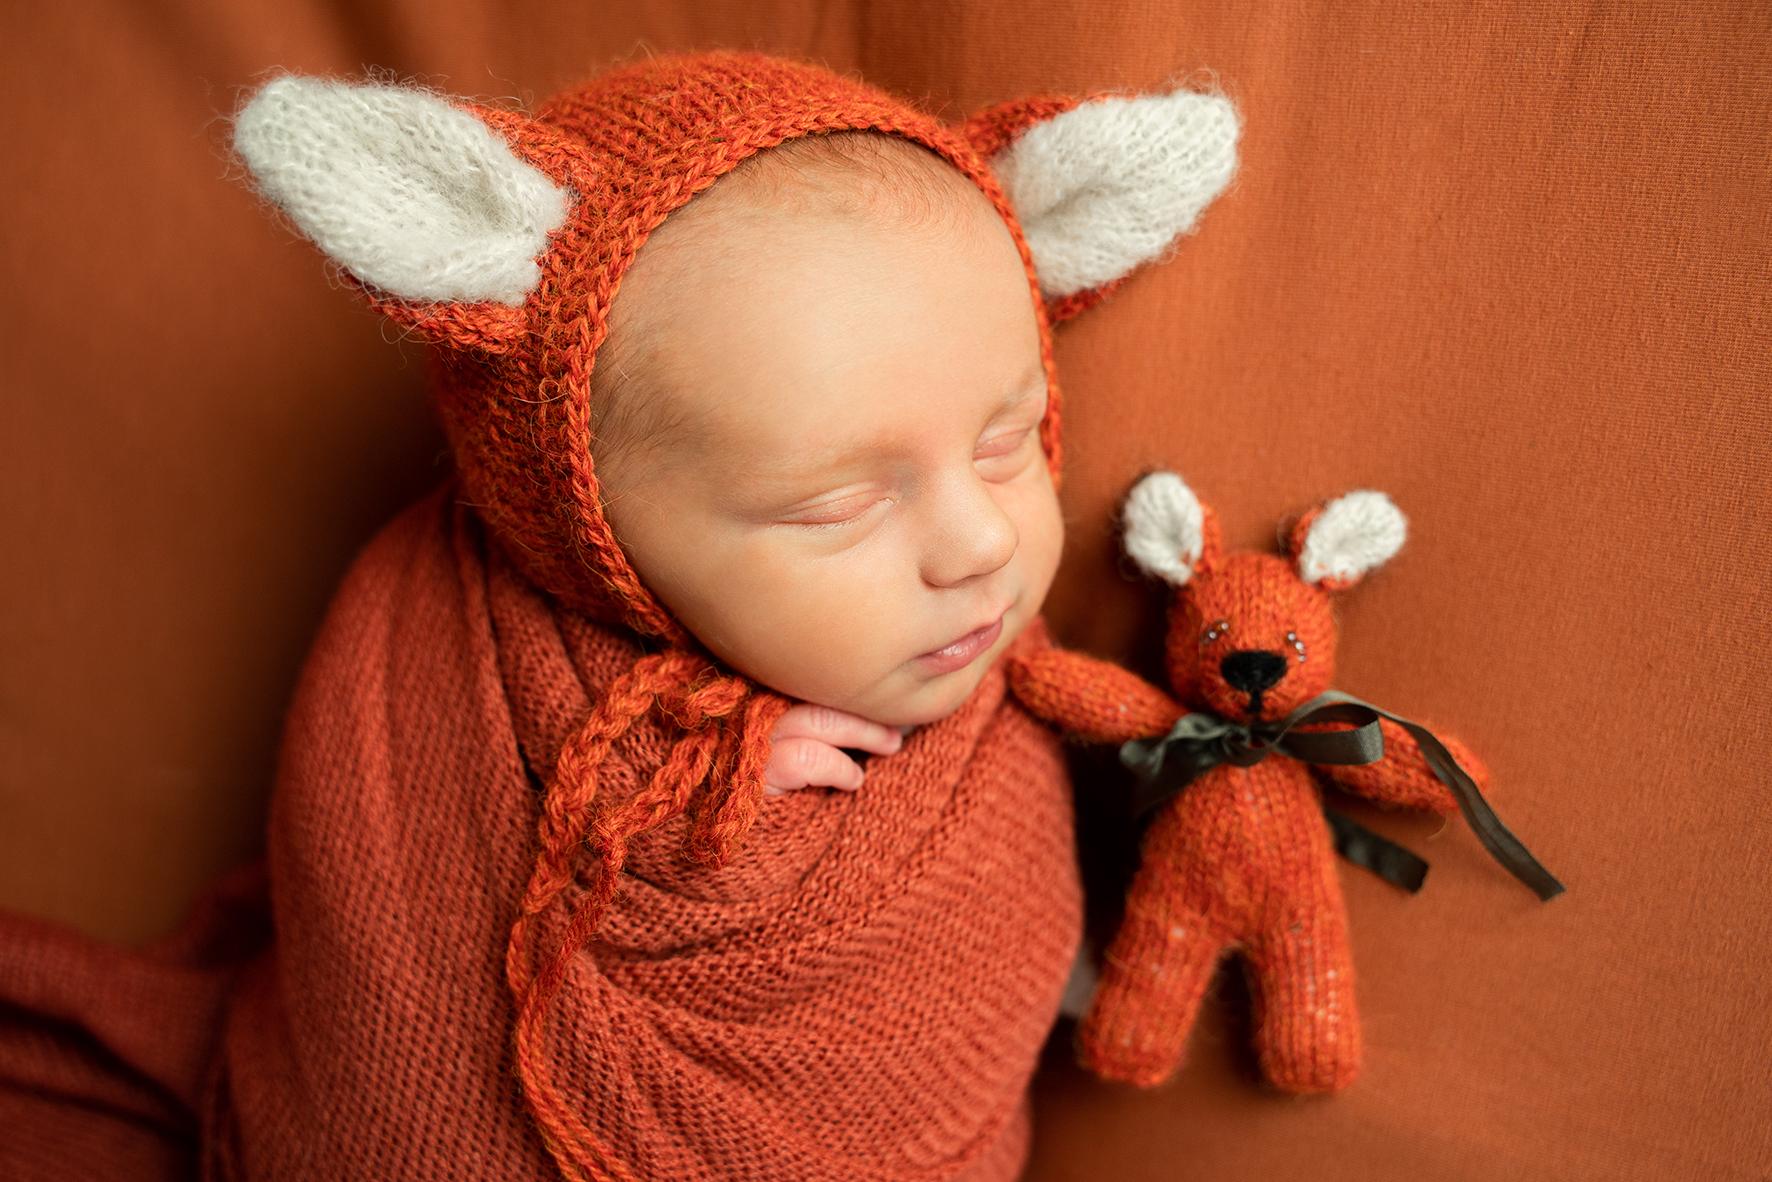 Kleiner Fuchs mit Kuscheltier beim Newbornshooting